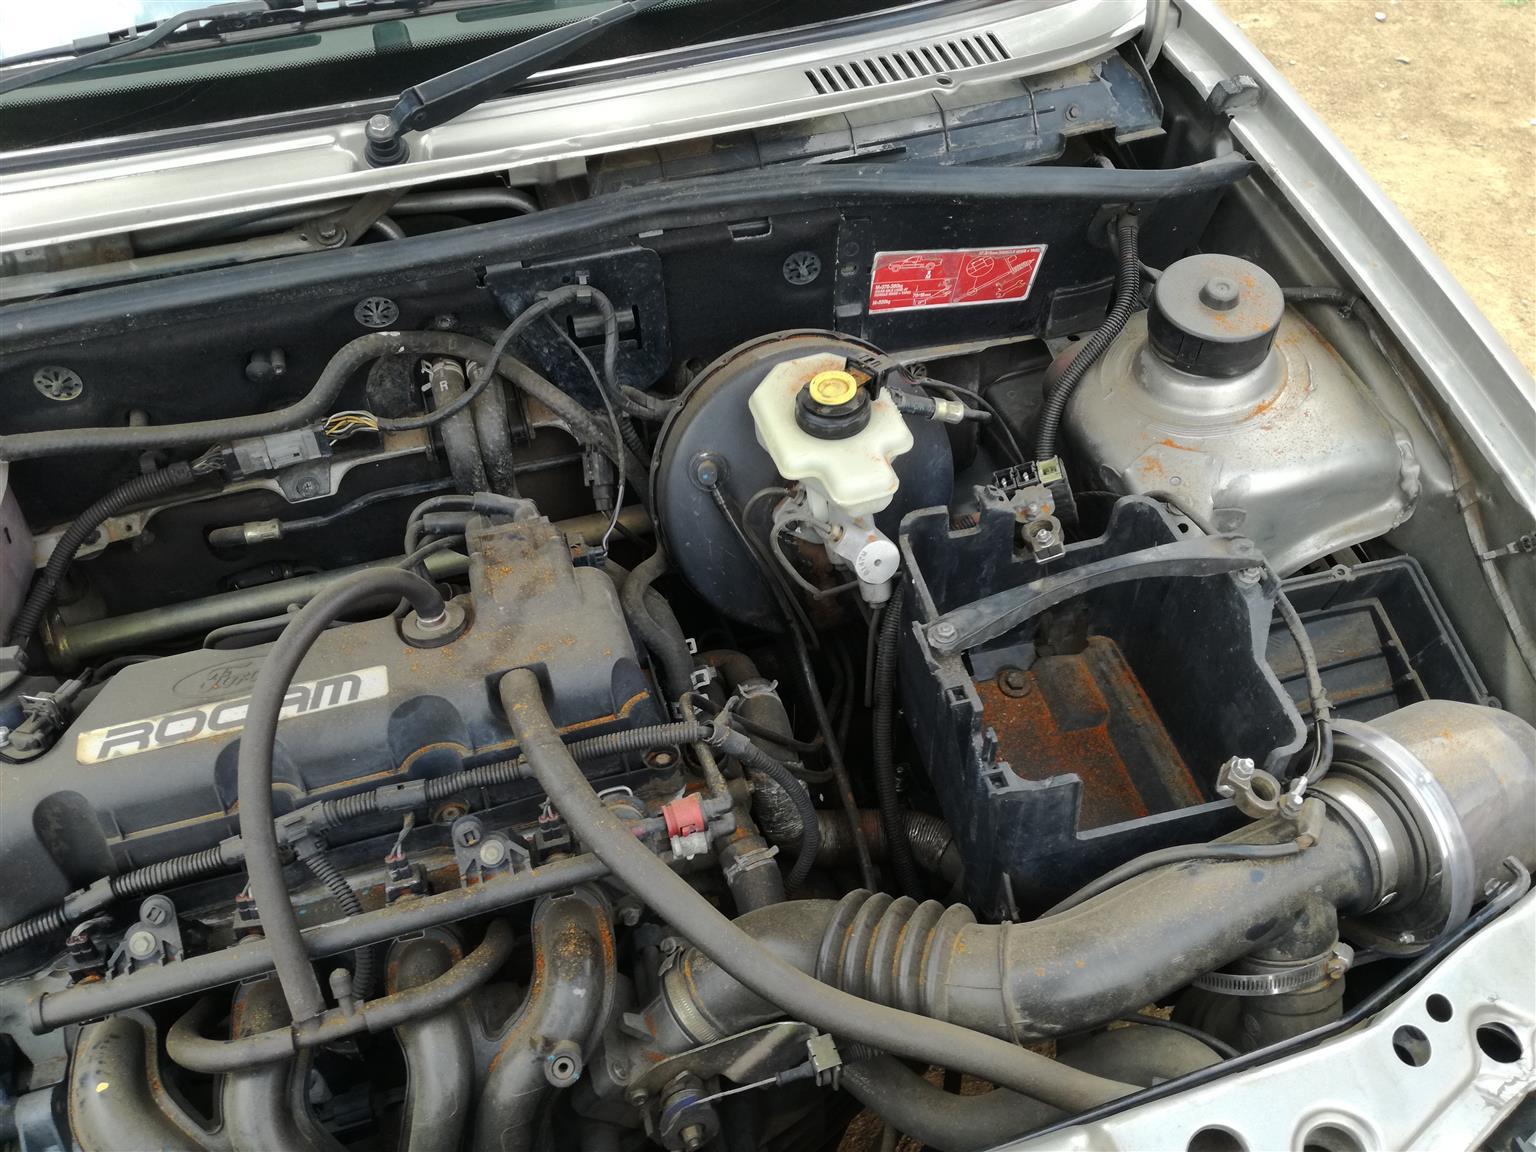 2010 Ford Bantam 1.6i